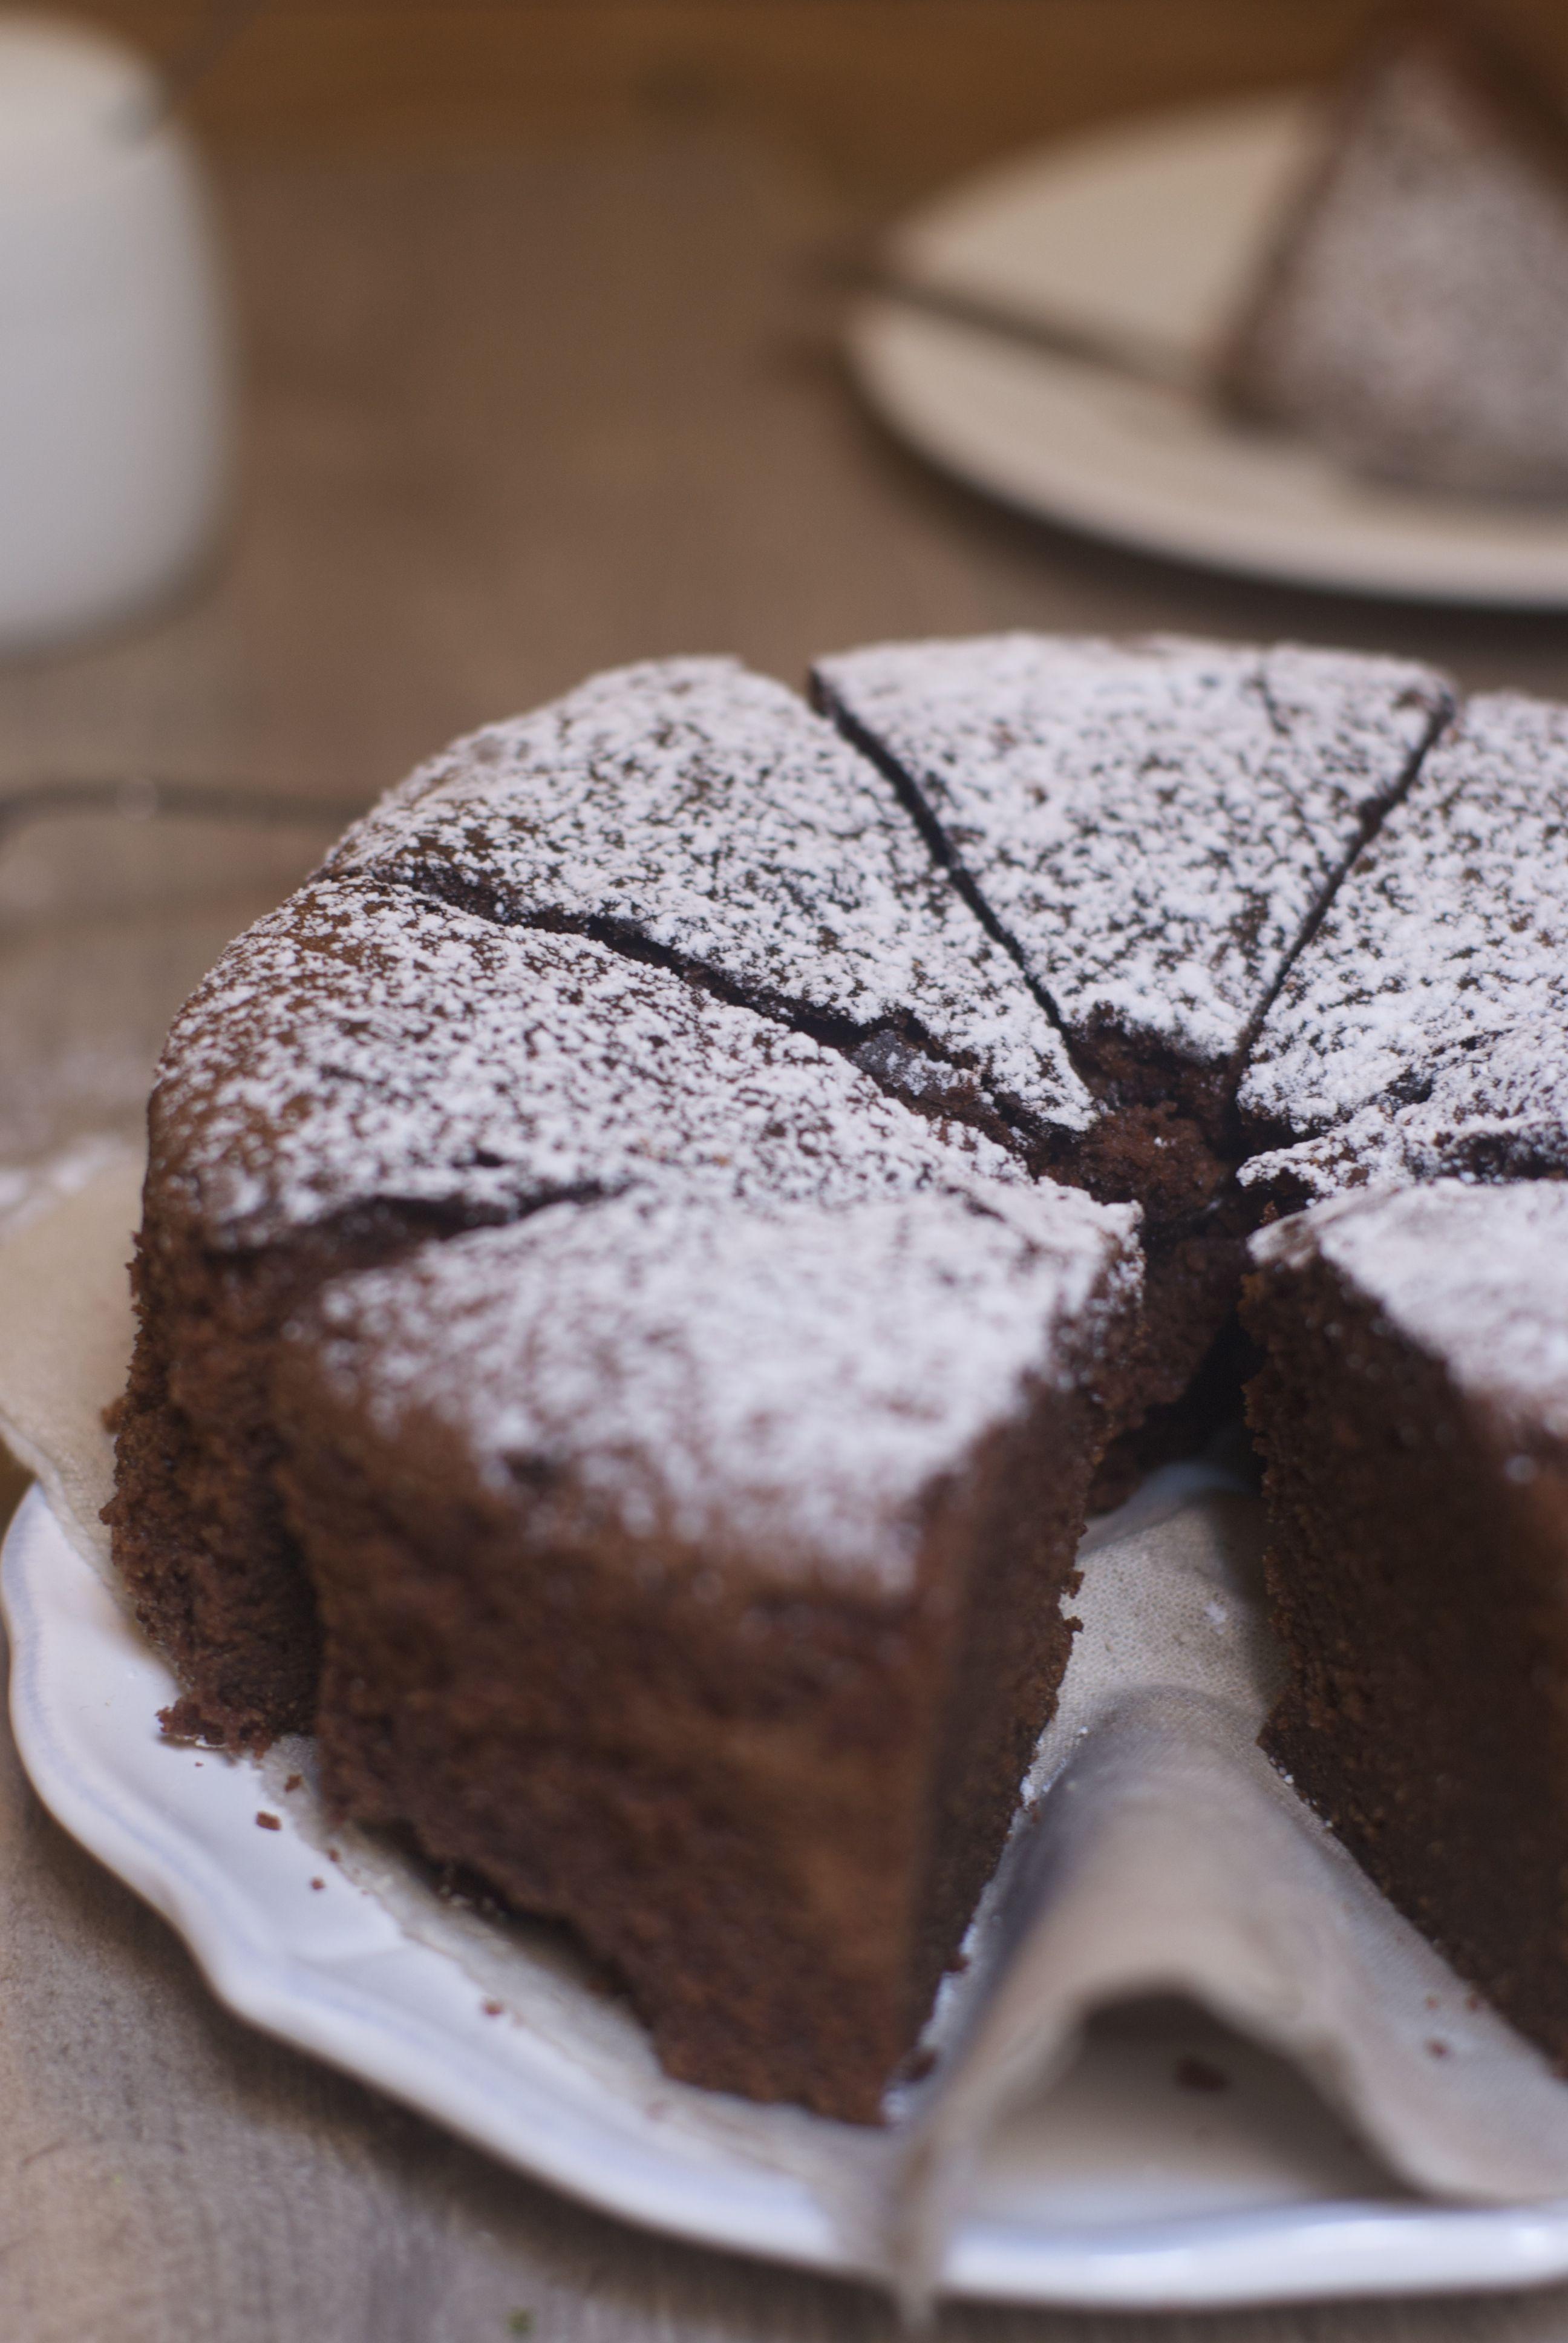 Gateau chocolat oeuf battu en neige